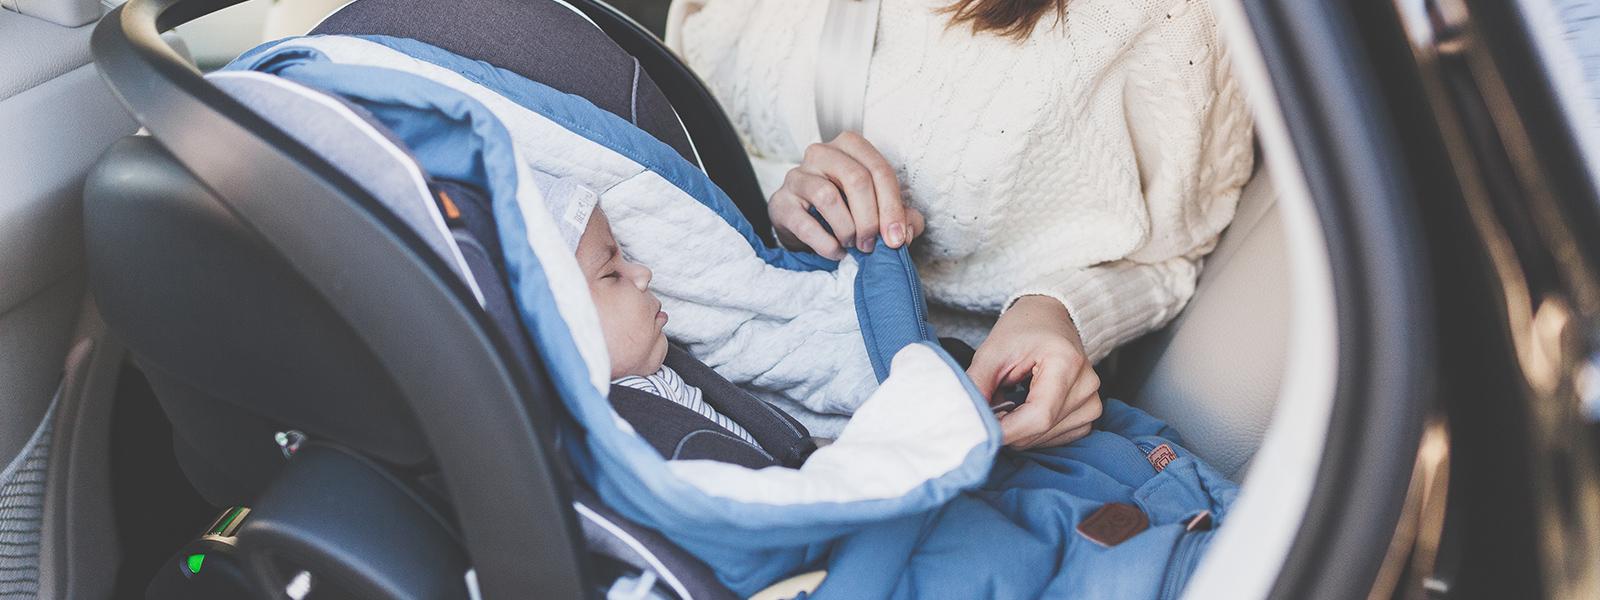 Åka hem från BB - 6 tips på hur du kan förbereda dig inför din första resa med din bebis